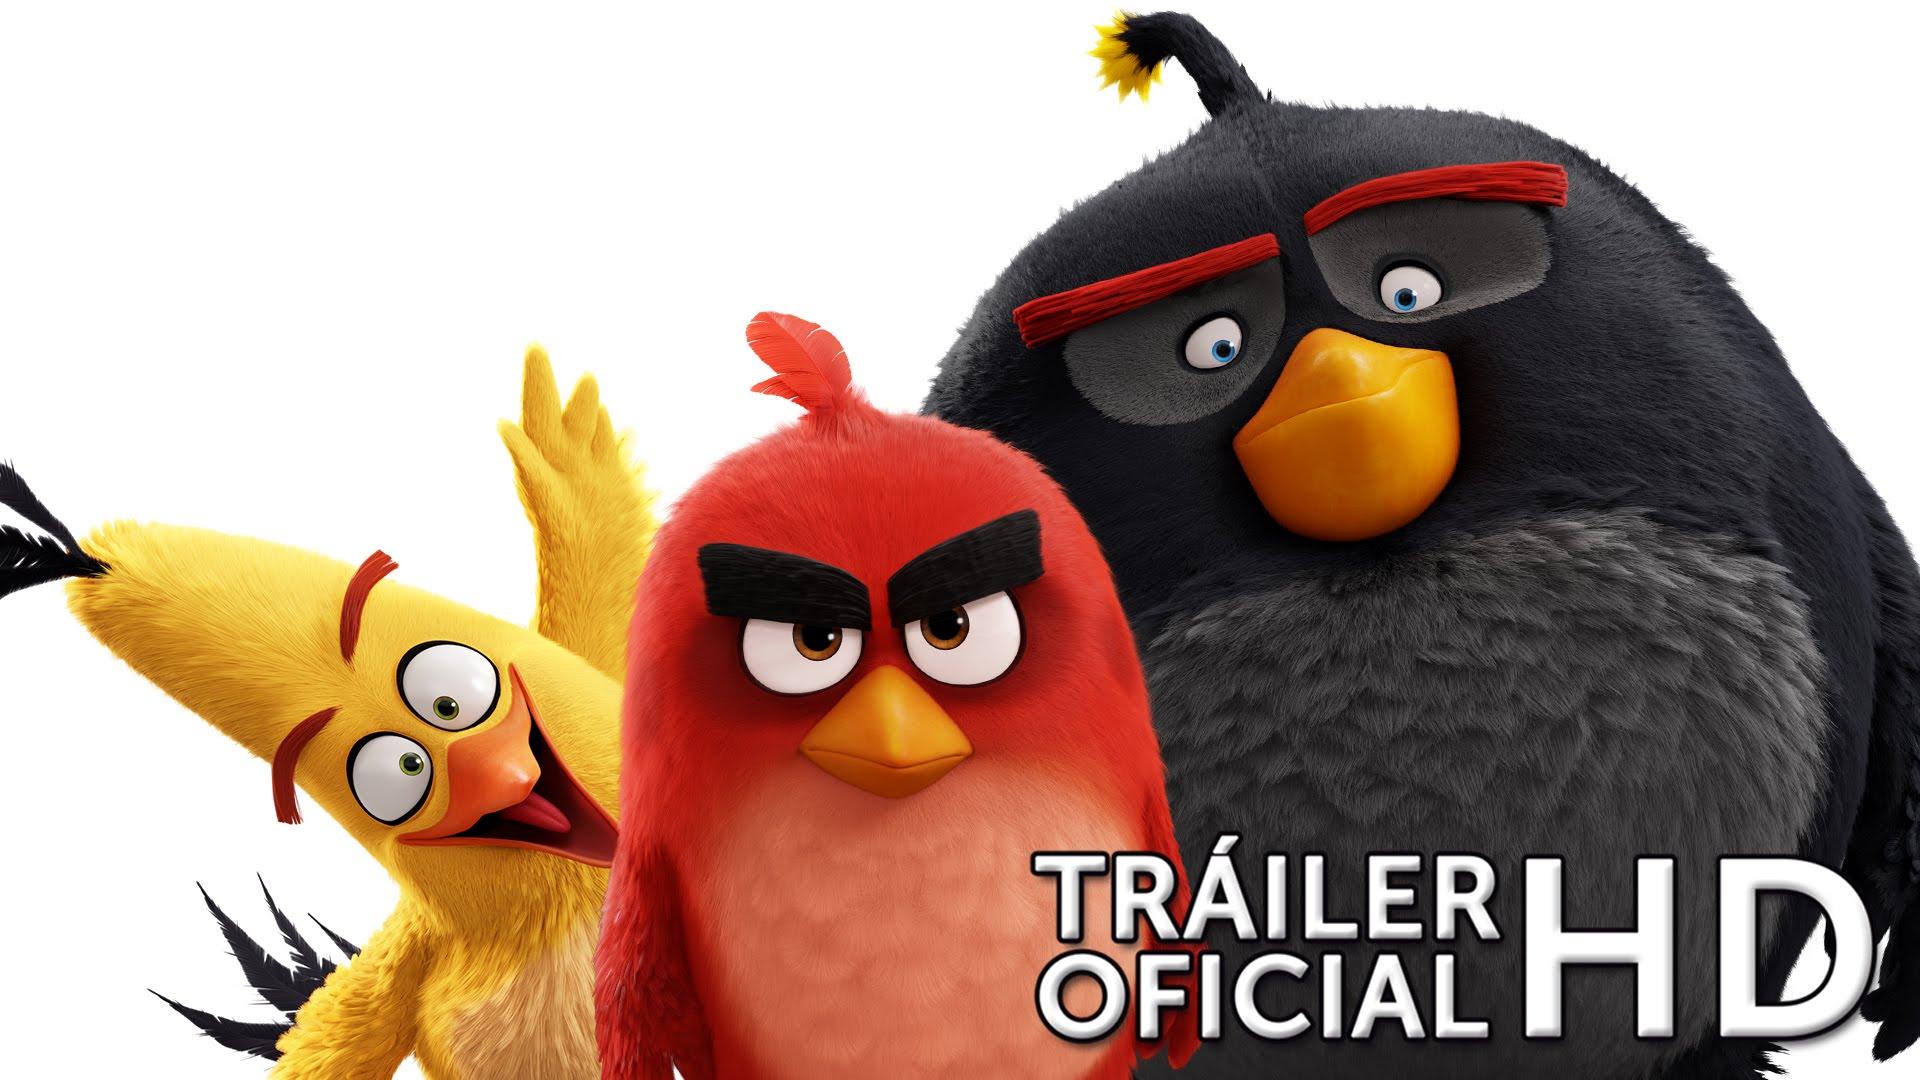 angry birds trailer pelicula www.decharcoencharco.com